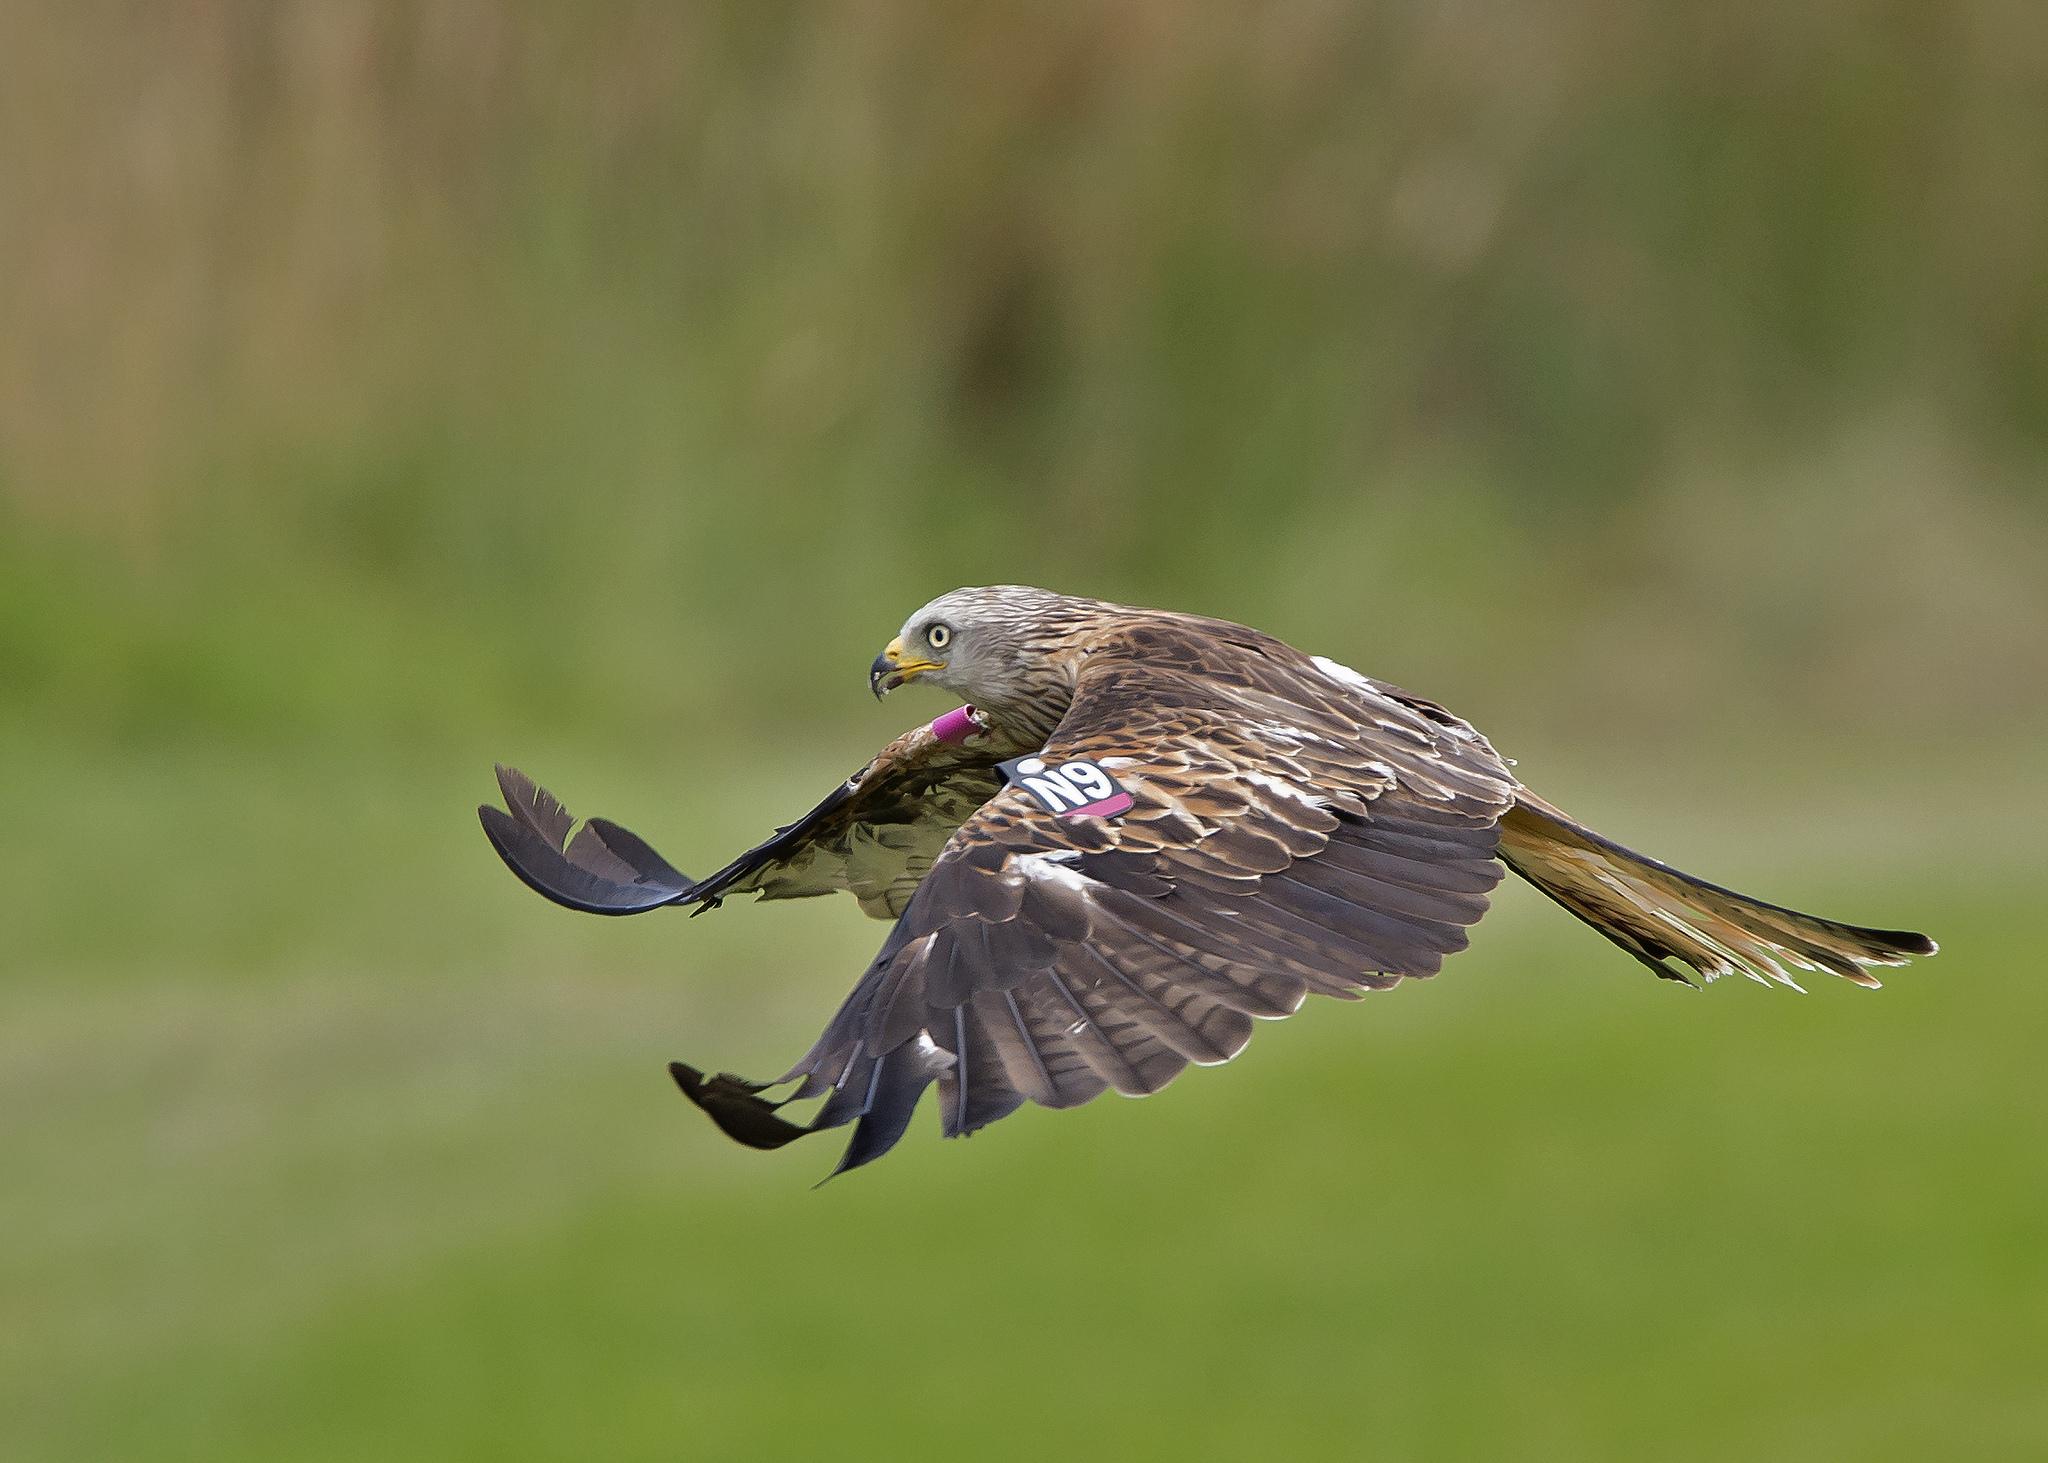 Vuelo de un Aguila - 2048x1463